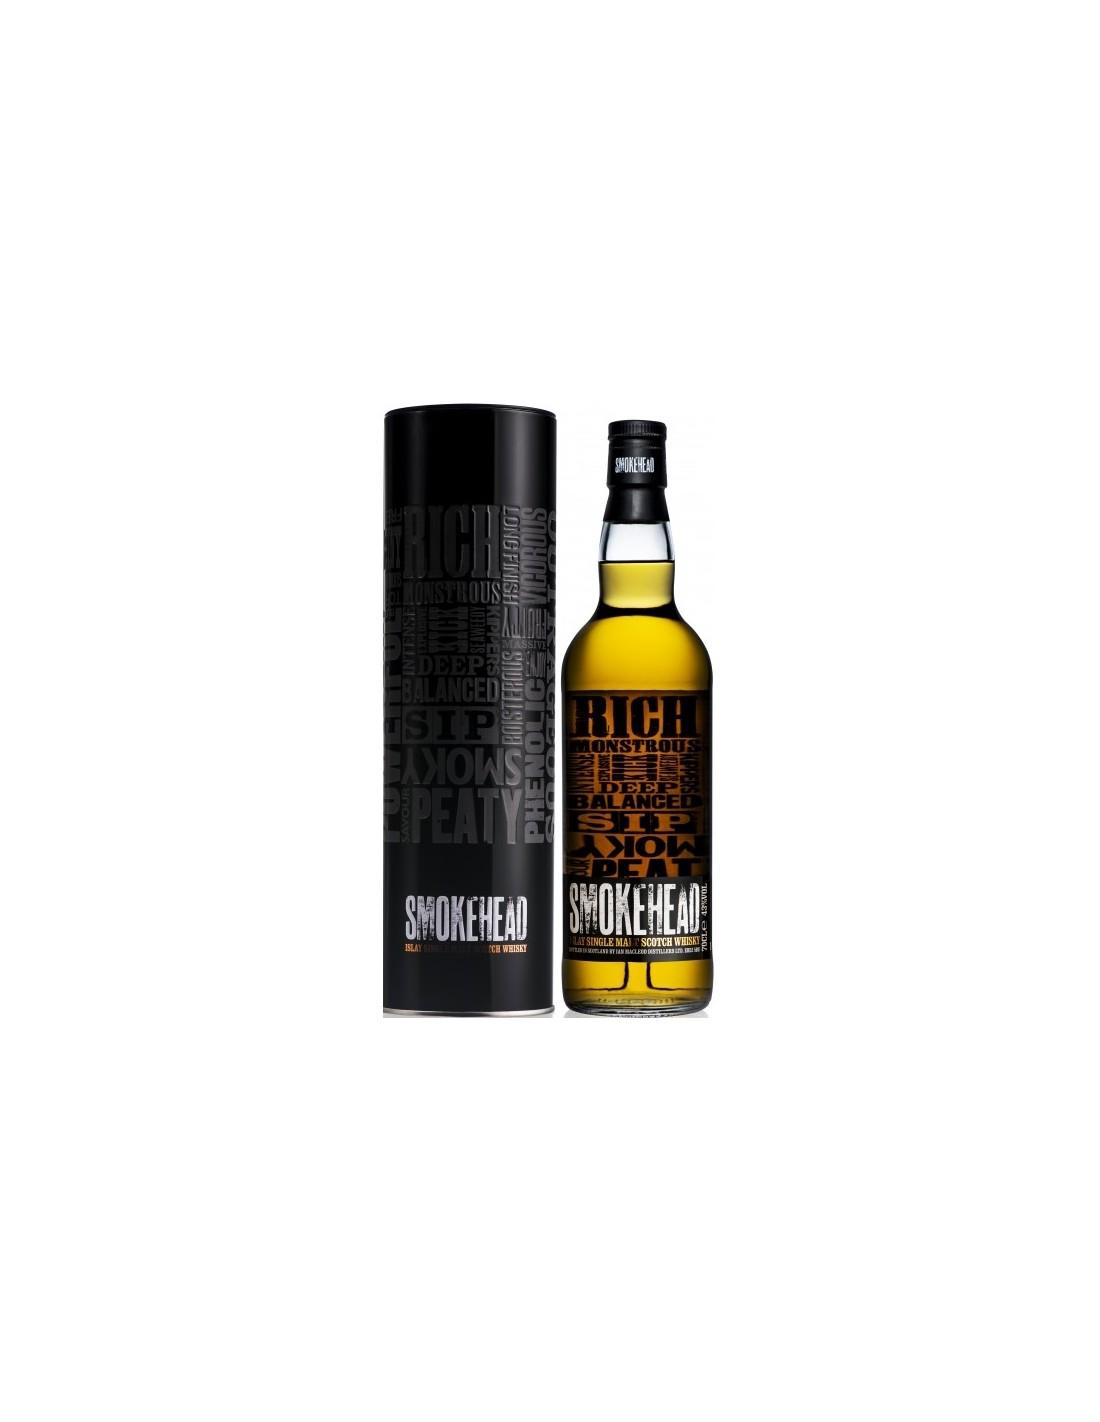 Whisky Smokehead, 43% alc., 0.7L, Scotia